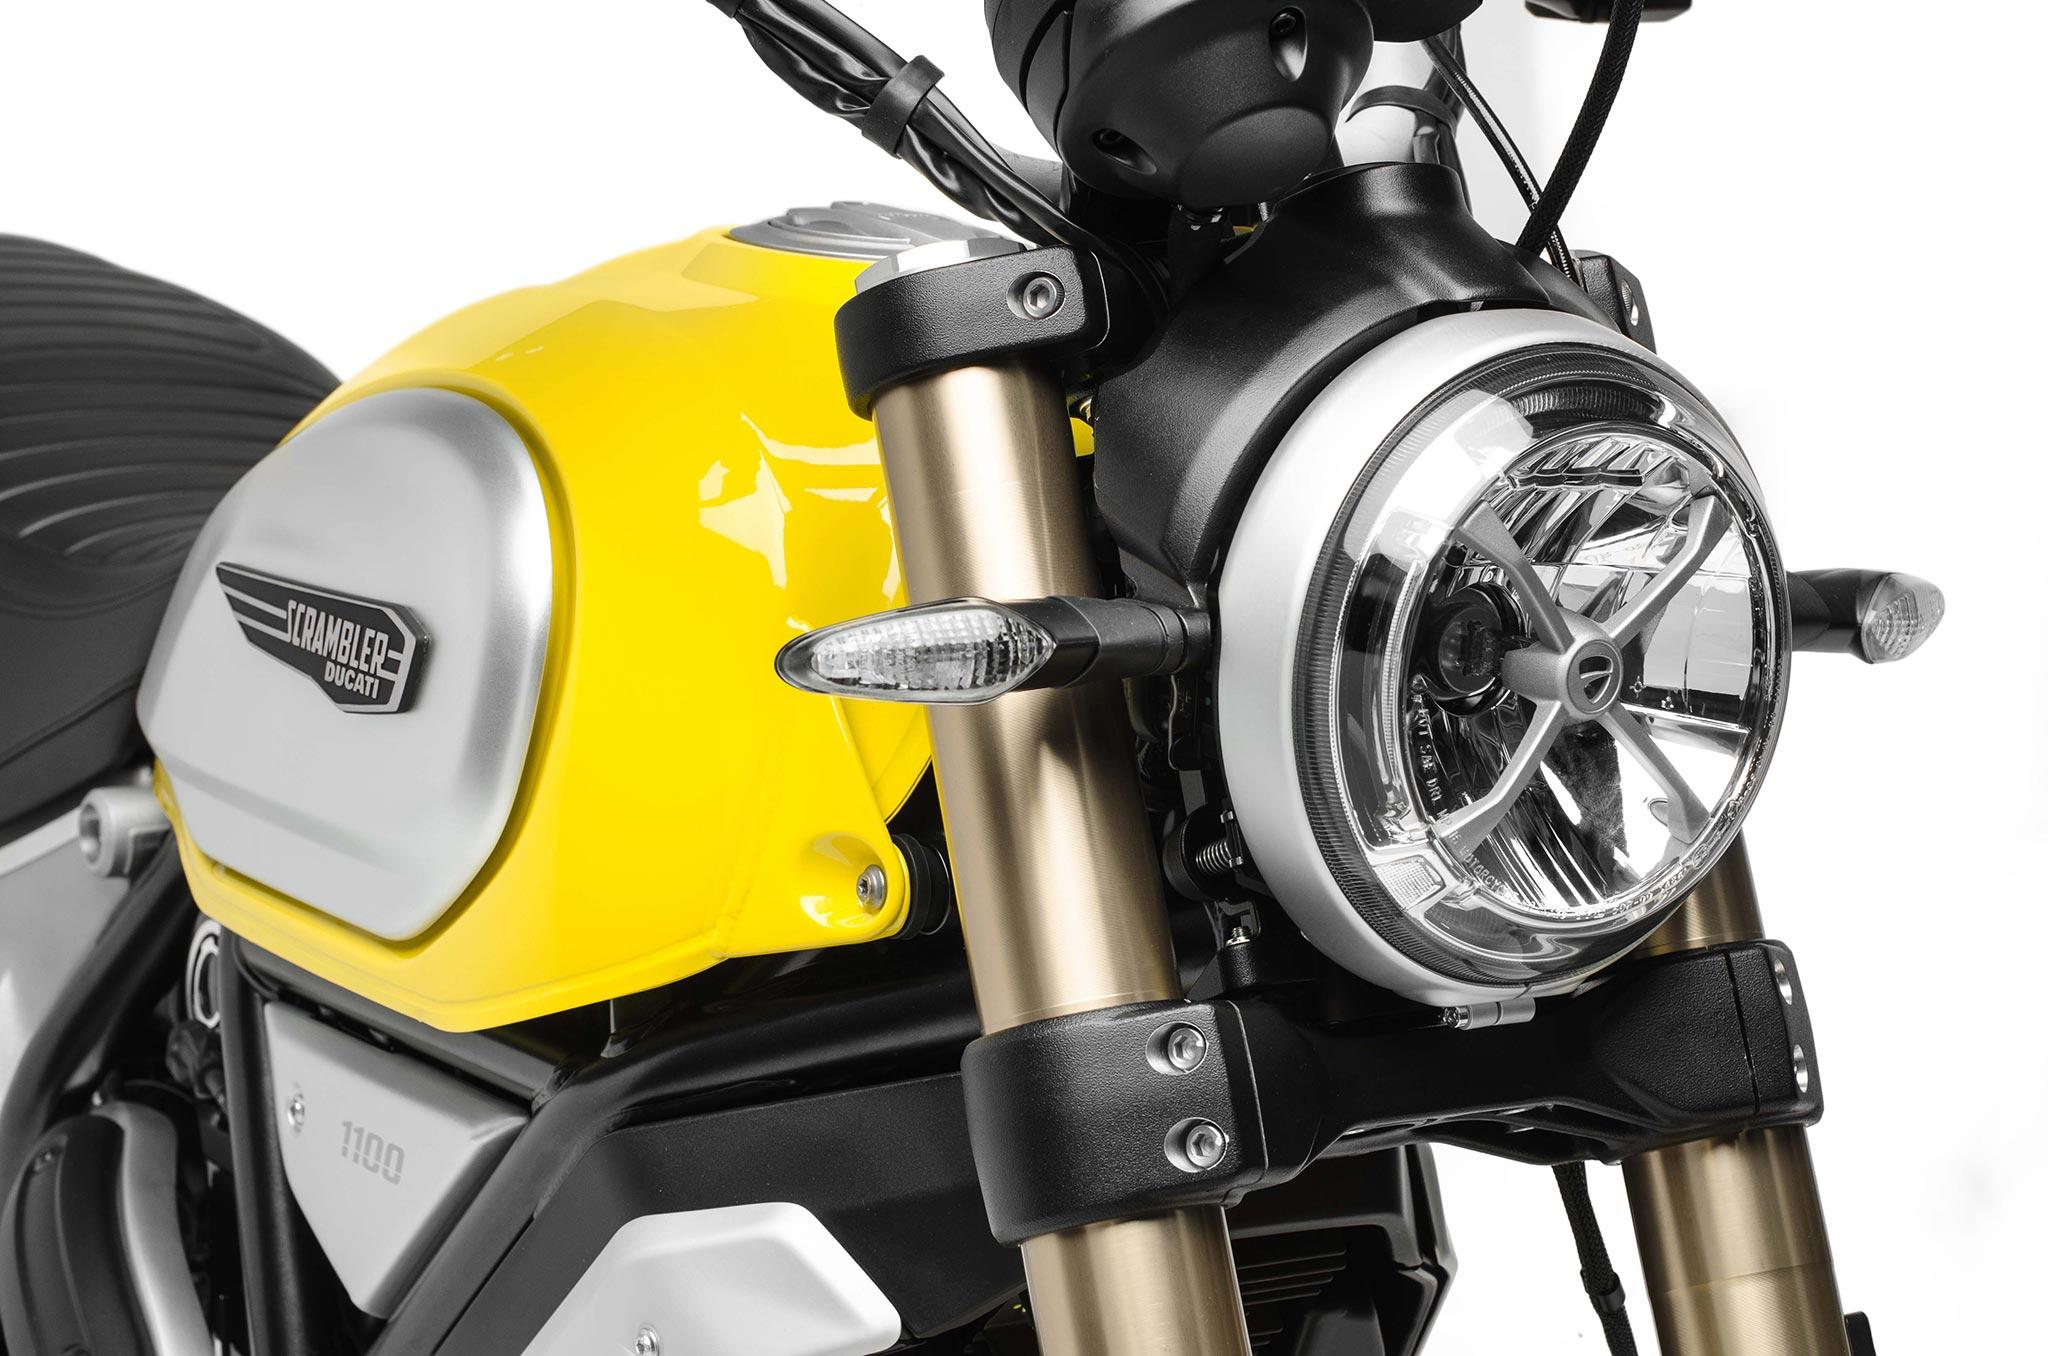 Ducati-Scrambler-1100-2018-tai-An-Do-gia-re-hon-Viet-Nam-74-trieu-dong-anh-8